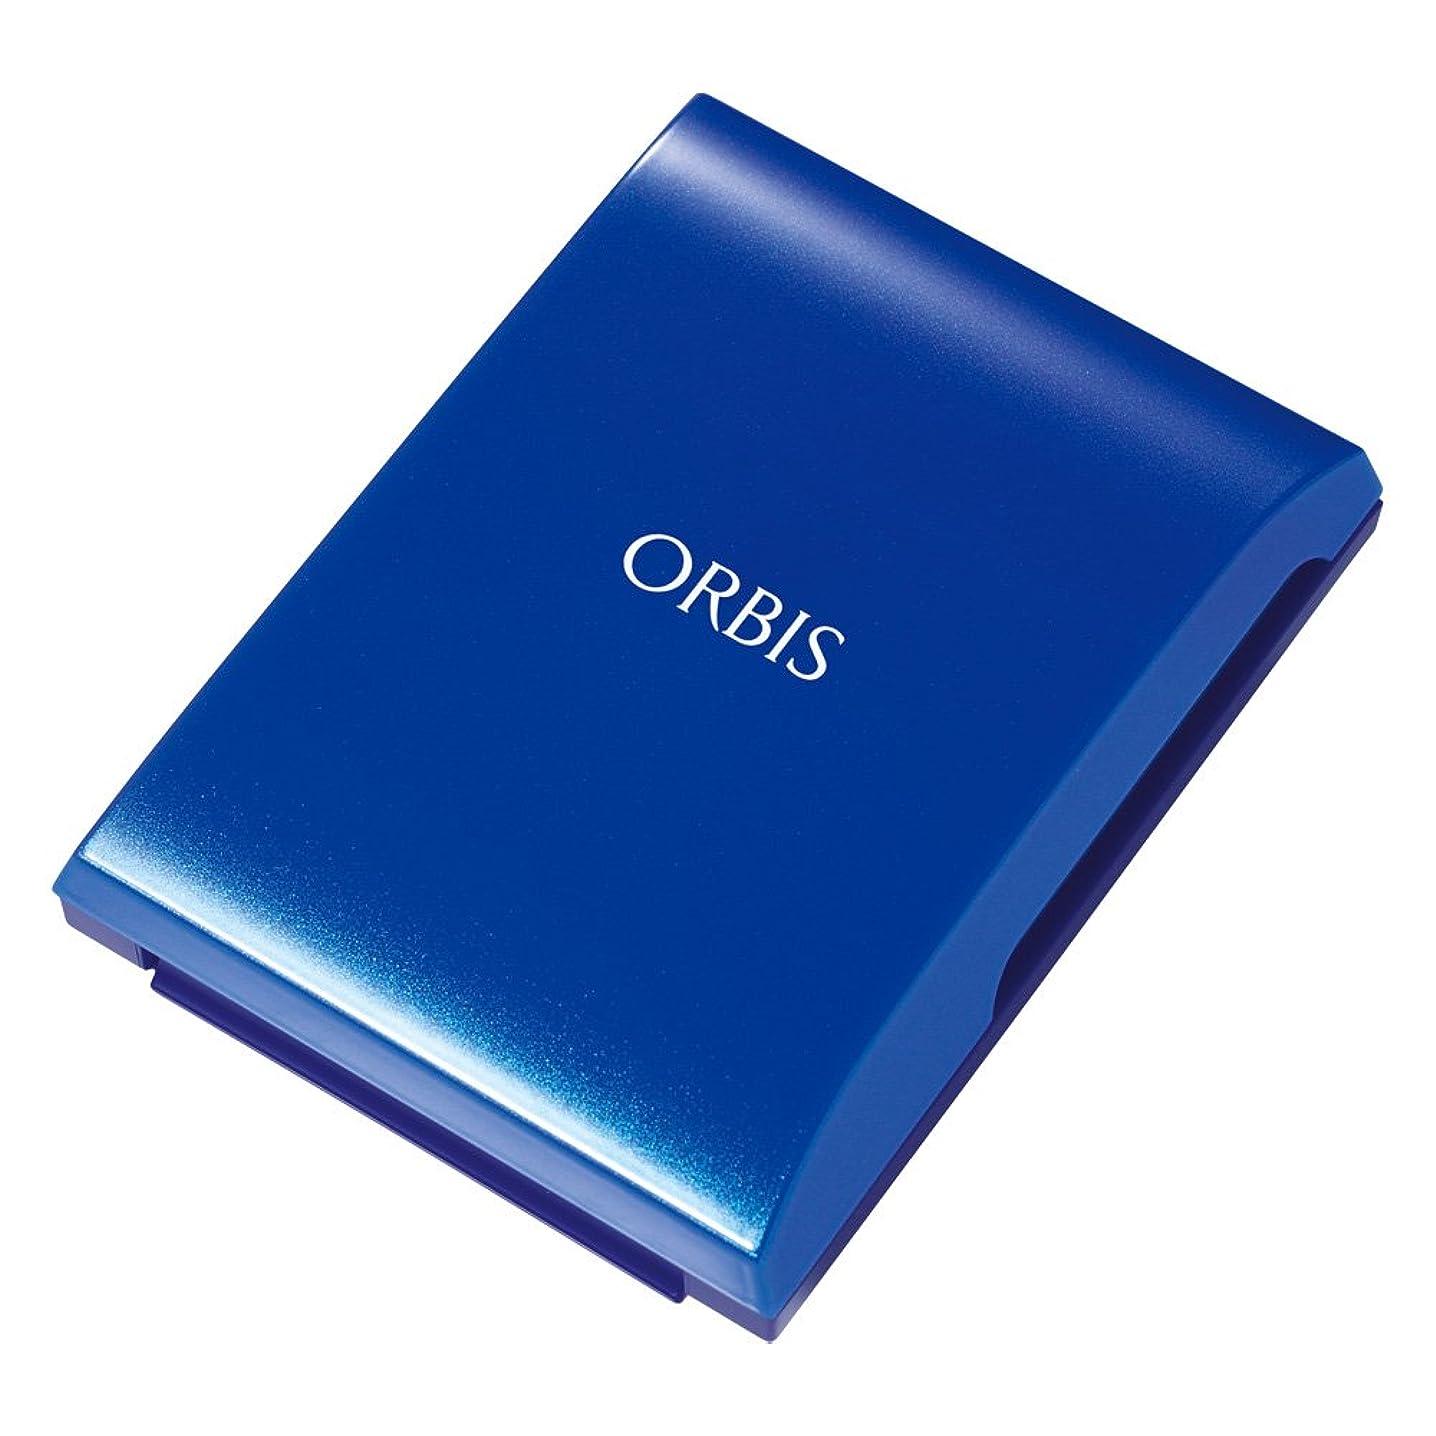 許可する縫い目摩擦オルビス(ORBIS) クリアパウダーファンデーション 専用ケース